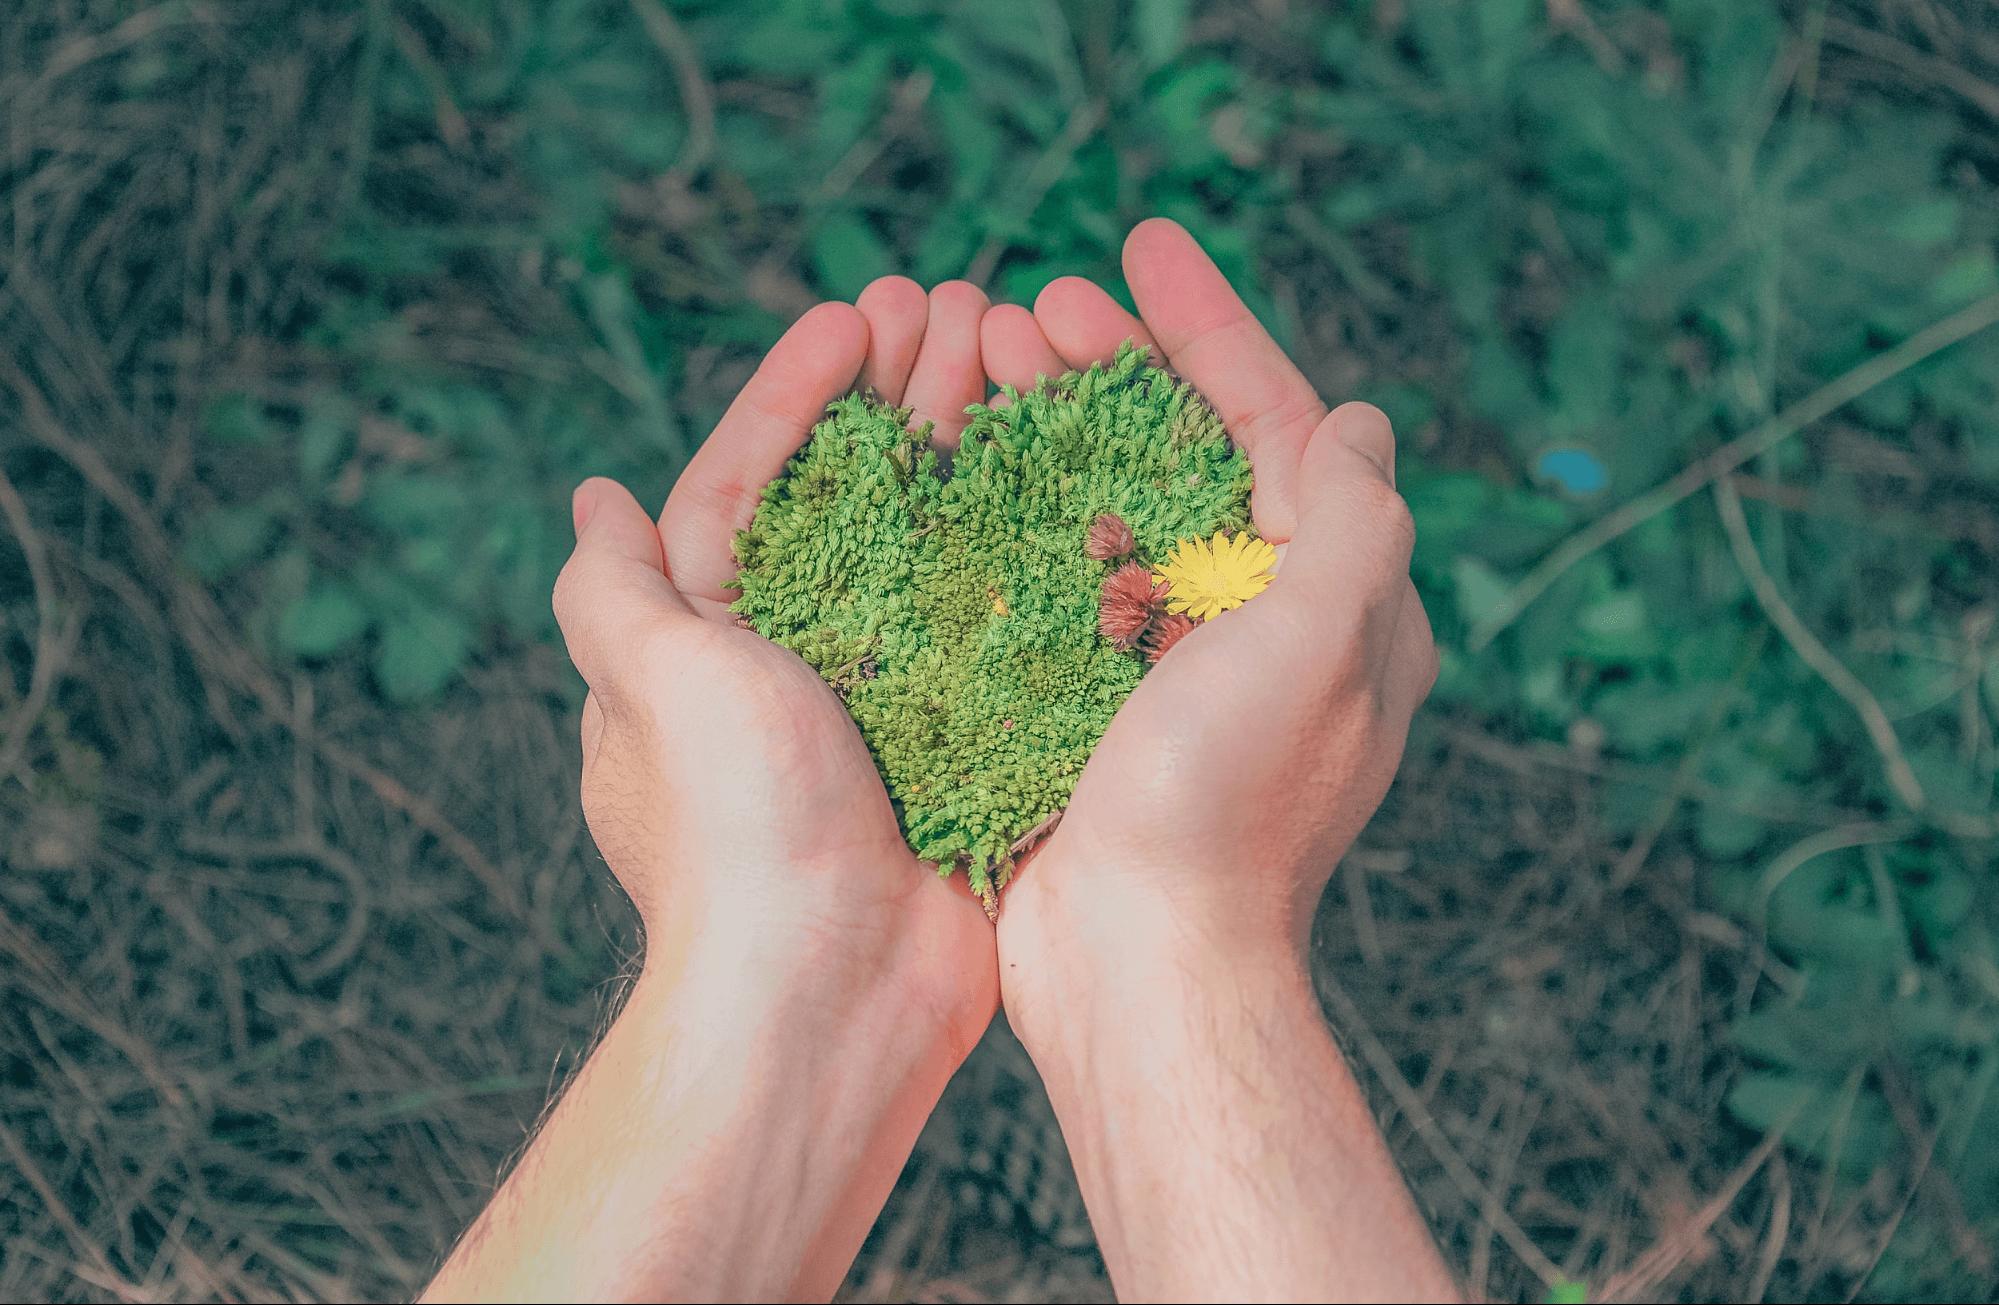 teener una empresa sostenible es sinónimo de cuidar el planeta